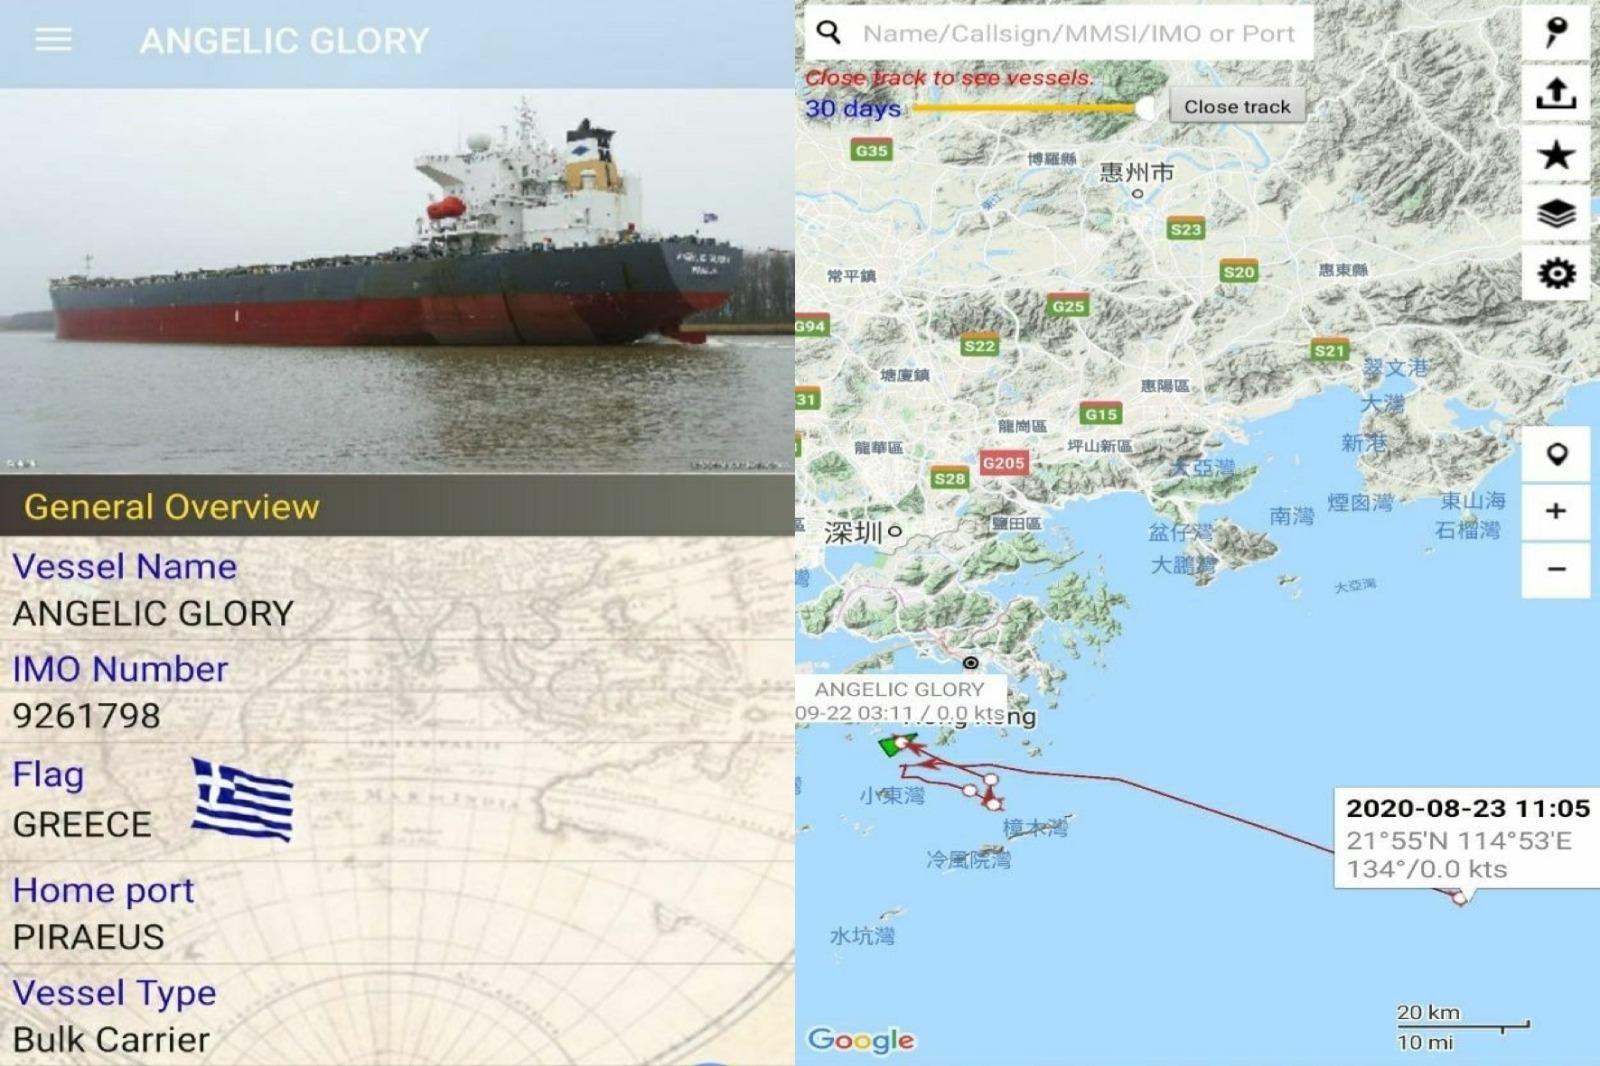 朱凱廸經追查發現,事發當時一艘遠洋貨輪「Angelic Glory」與12名港人所乘坐的快艇曾經僅距離兩公里,或許「擦船而過」。(朱凱廸Facebook)